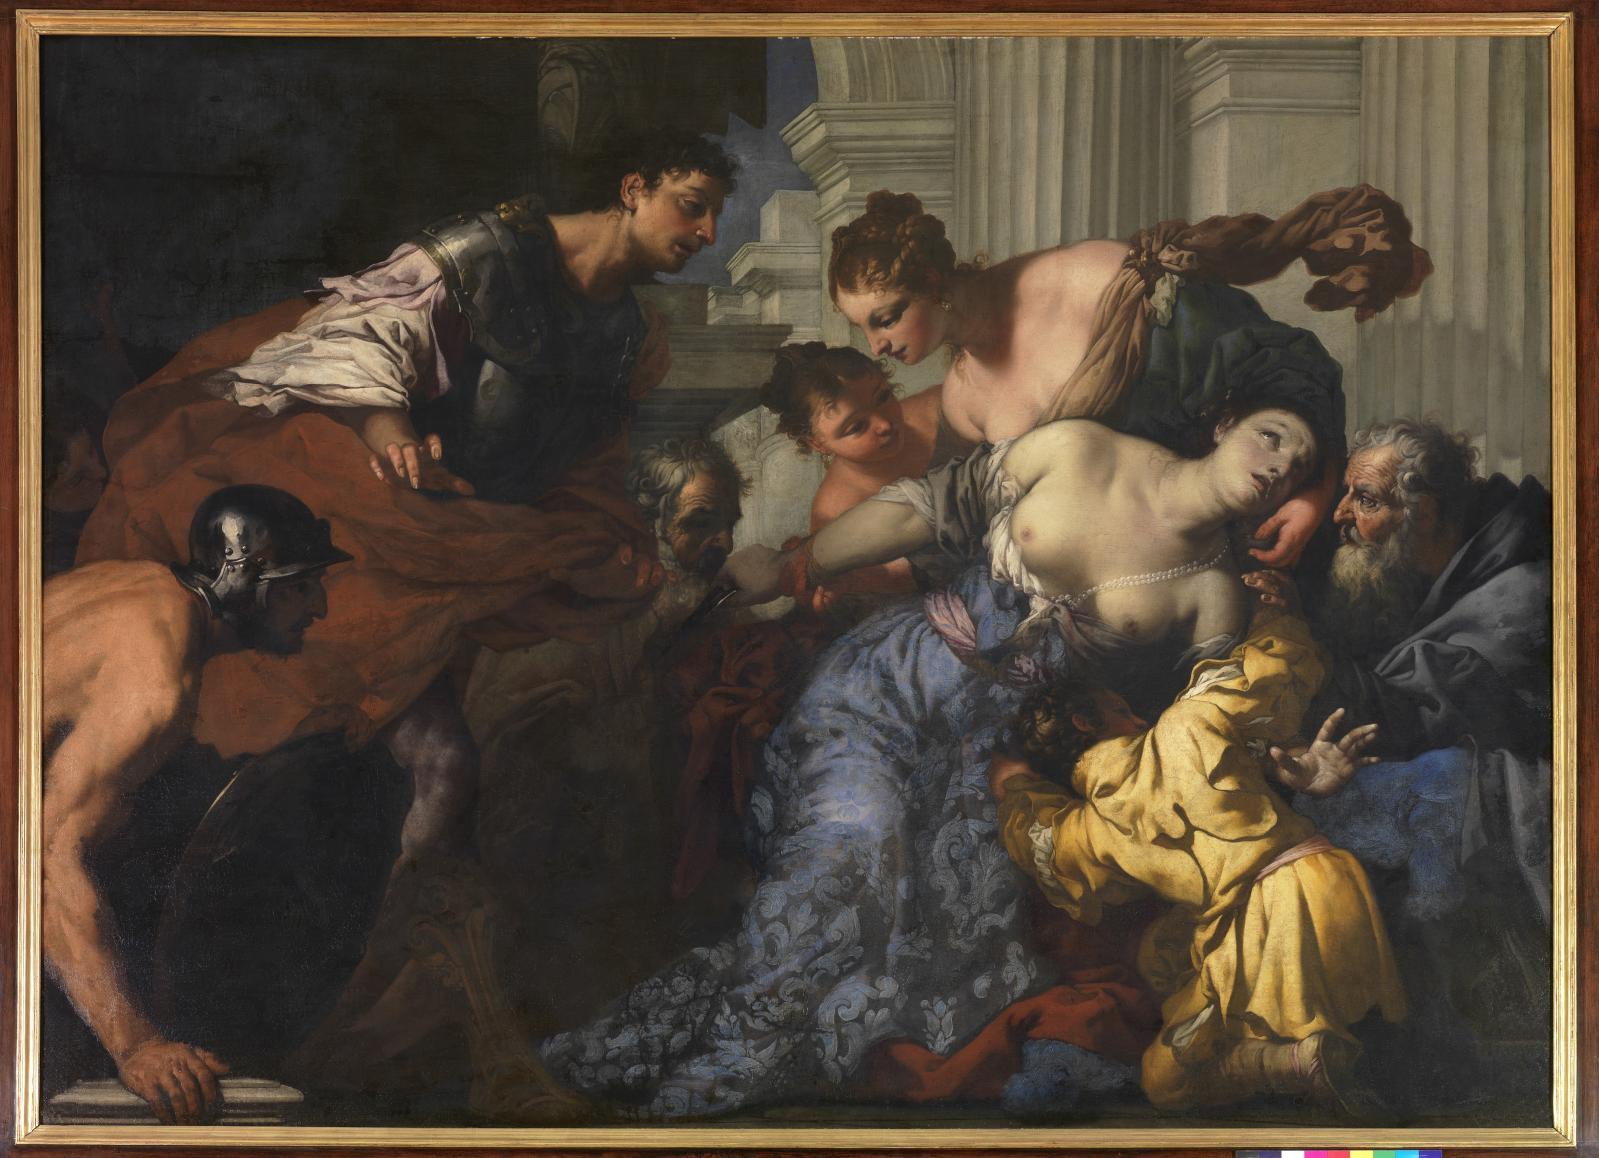 Antonio Zanchi, La Mort de Lucrèce, vers 1670, Saint-Quentin, musée Antoine Lécuyer. ©Musée Antoine-Lécuyer, Saint-Quentin/Gérard Dufrêne